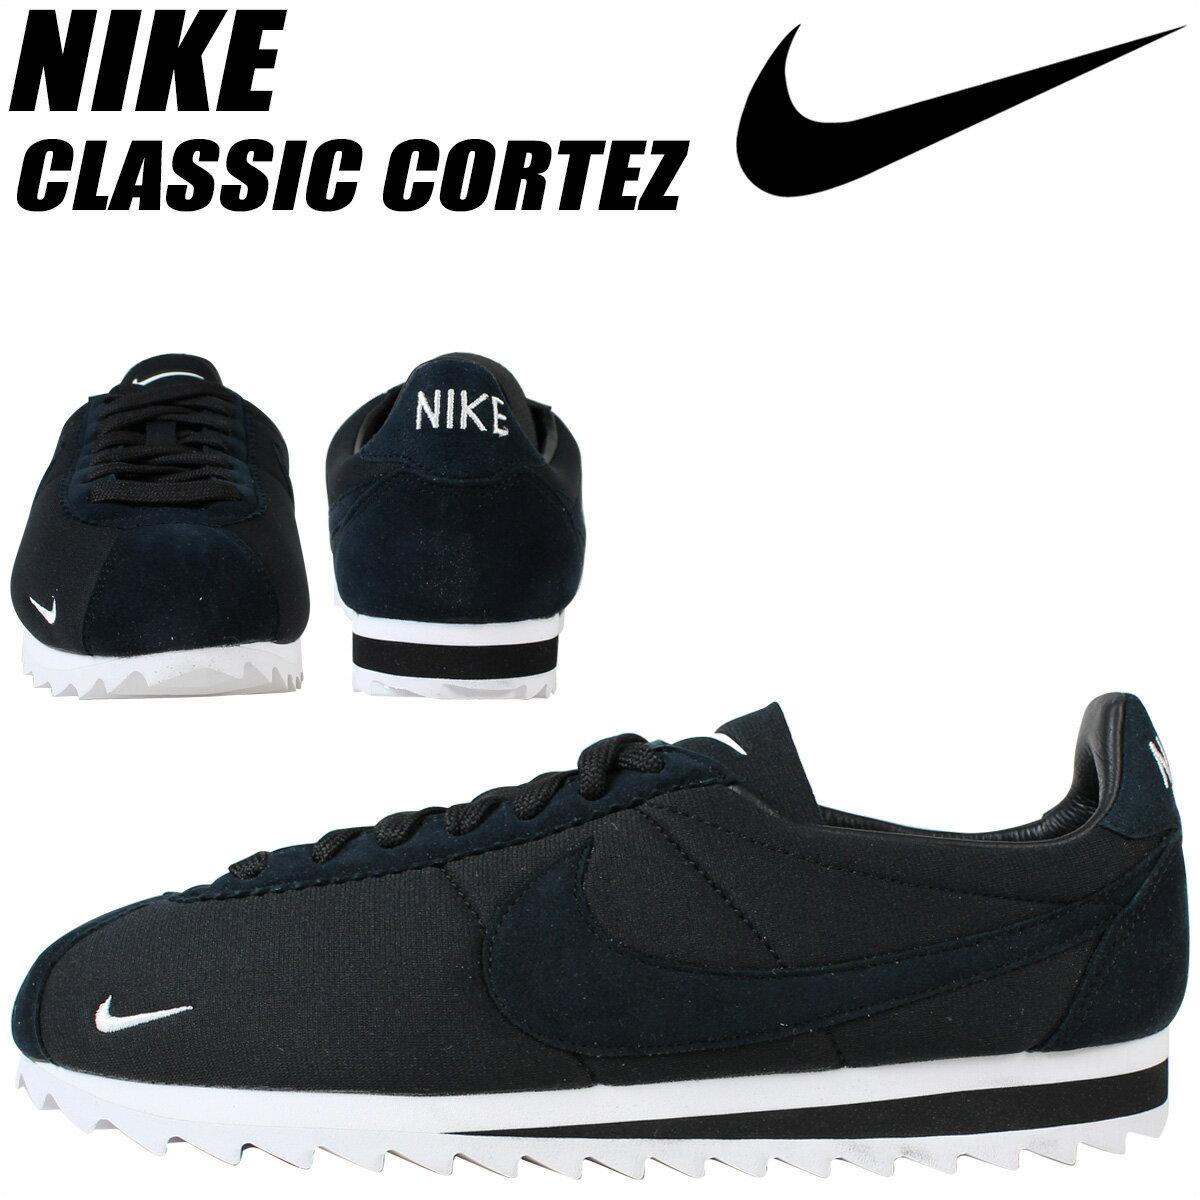 ナイキ NIKE コルテッツ クラシック スニーカー CLASSIC CORTEZ SHARK LOW 810135-010 メンズ 靴 ブラック